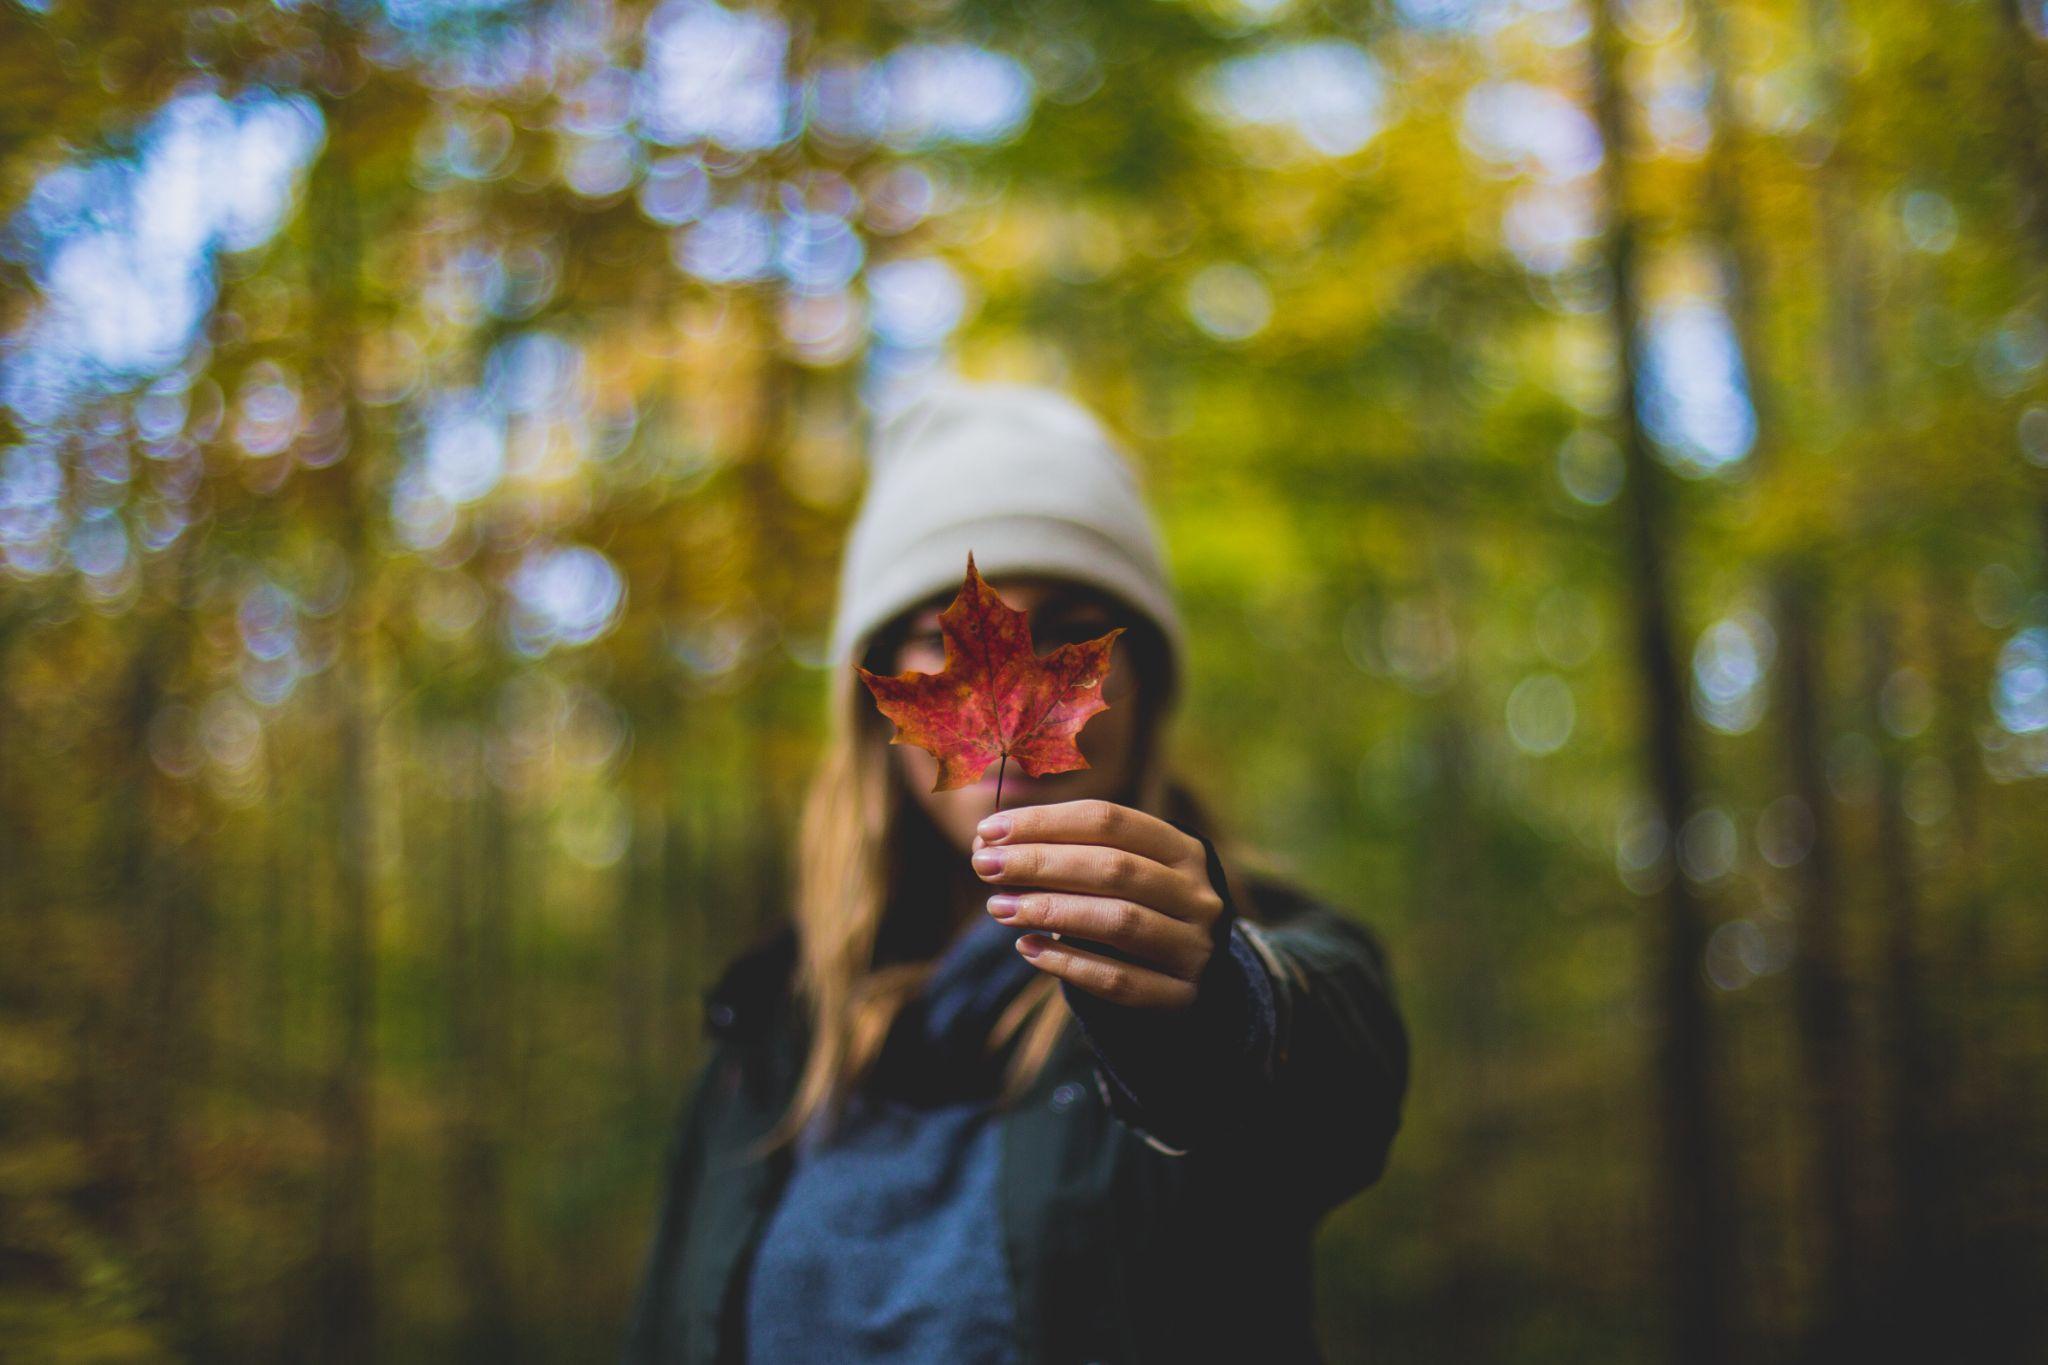 A imagem mostra uma mulher em uma floresta, durante o outono, se vestindo com minimalismo e mostrando uma folha seca para a câmera.